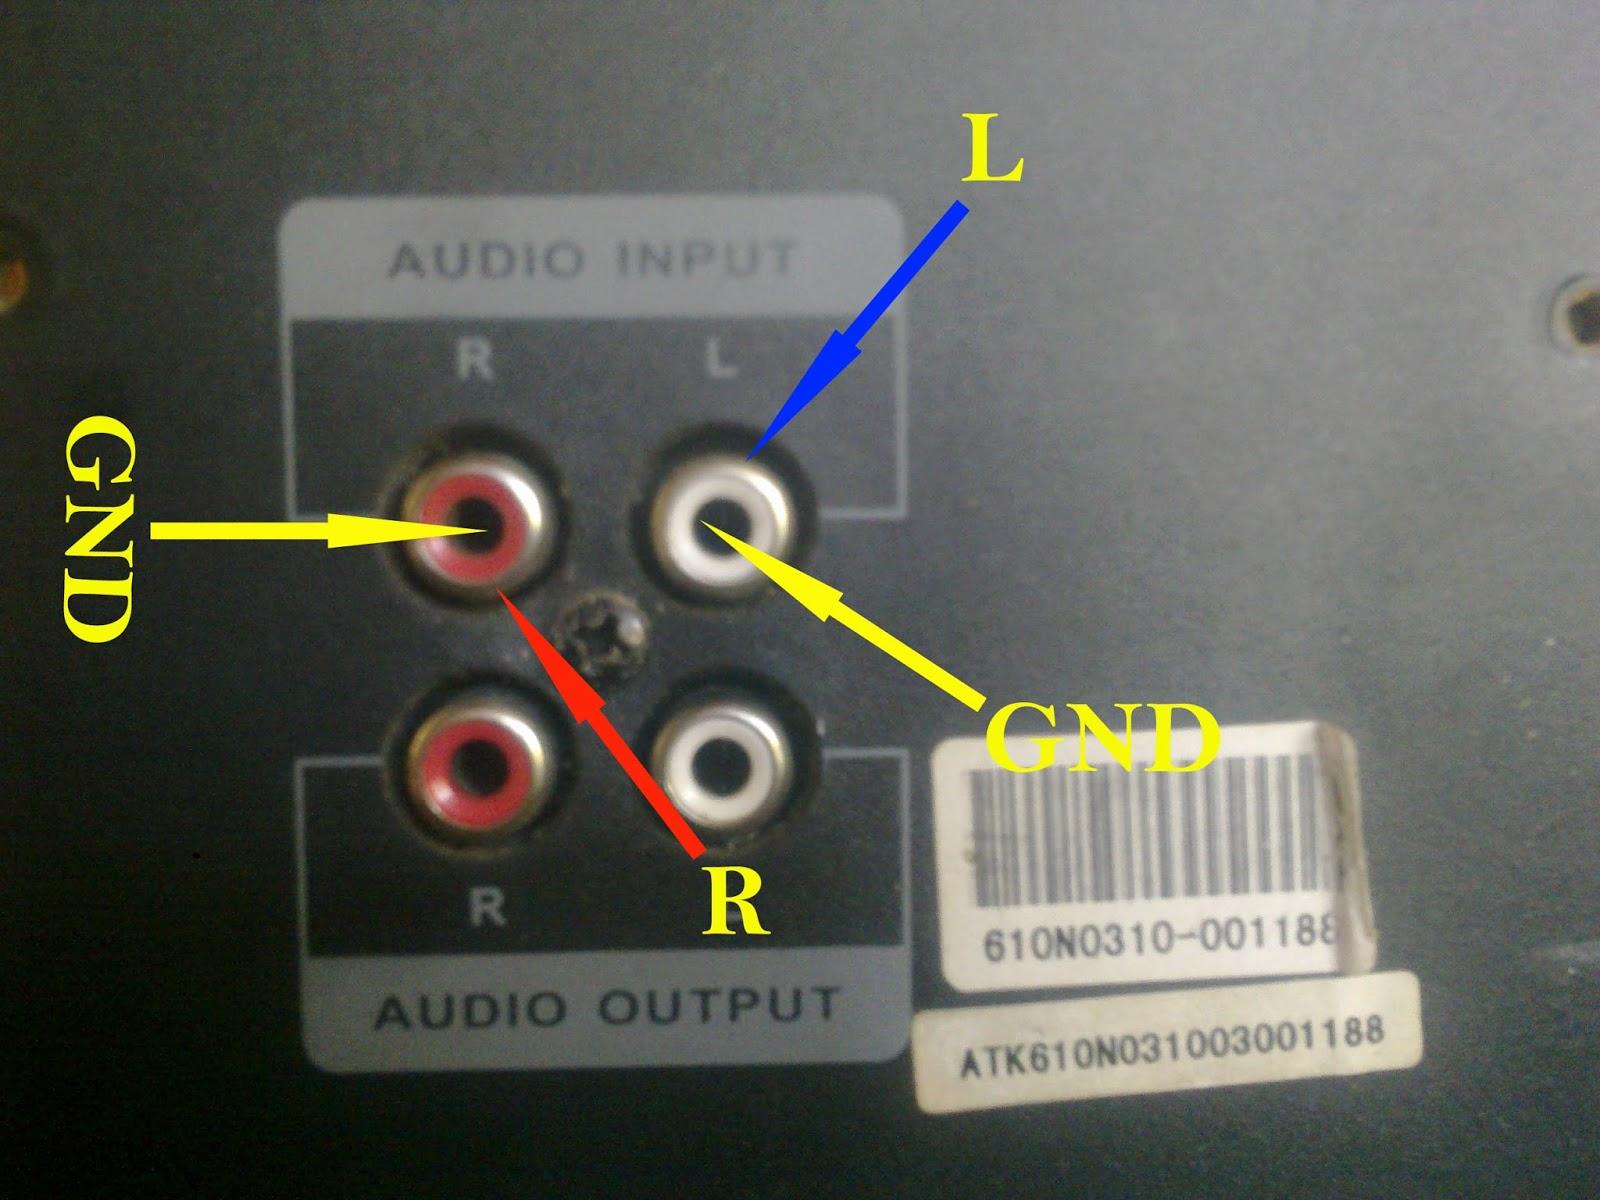 Pasang Kabel Speaker Terbalik : cara merakit atau memasang modul mp3 pada speaker aktif improop blog 39 ~ Vivirlamusica.com Haus und Dekorationen